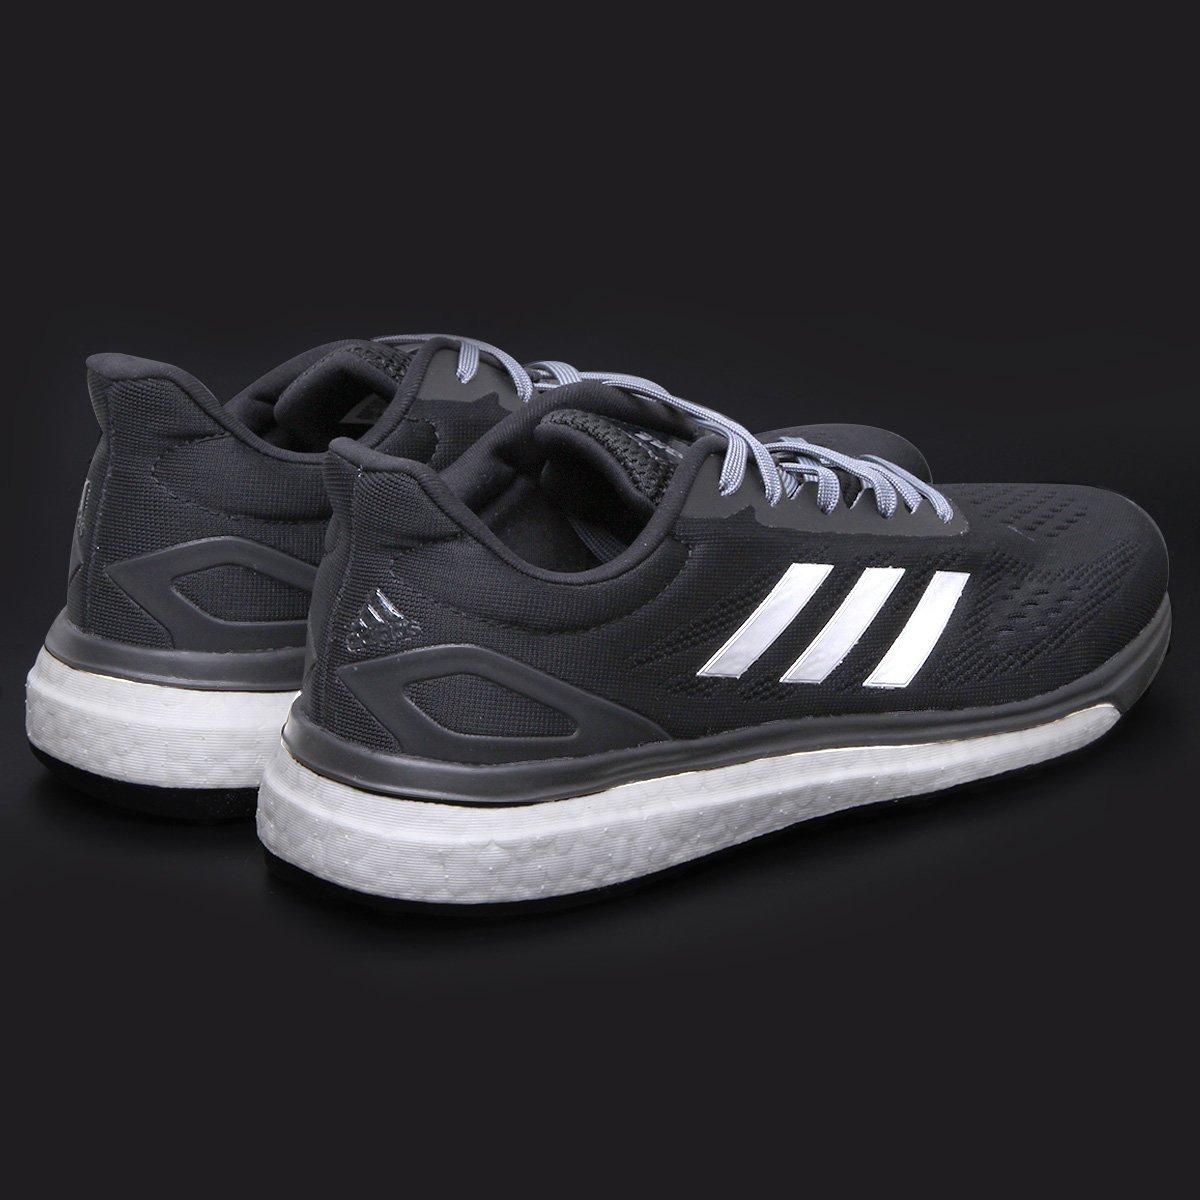 Tênis Adidas Response Boost LT Feminino - Compre Agora  9059ca65ce972